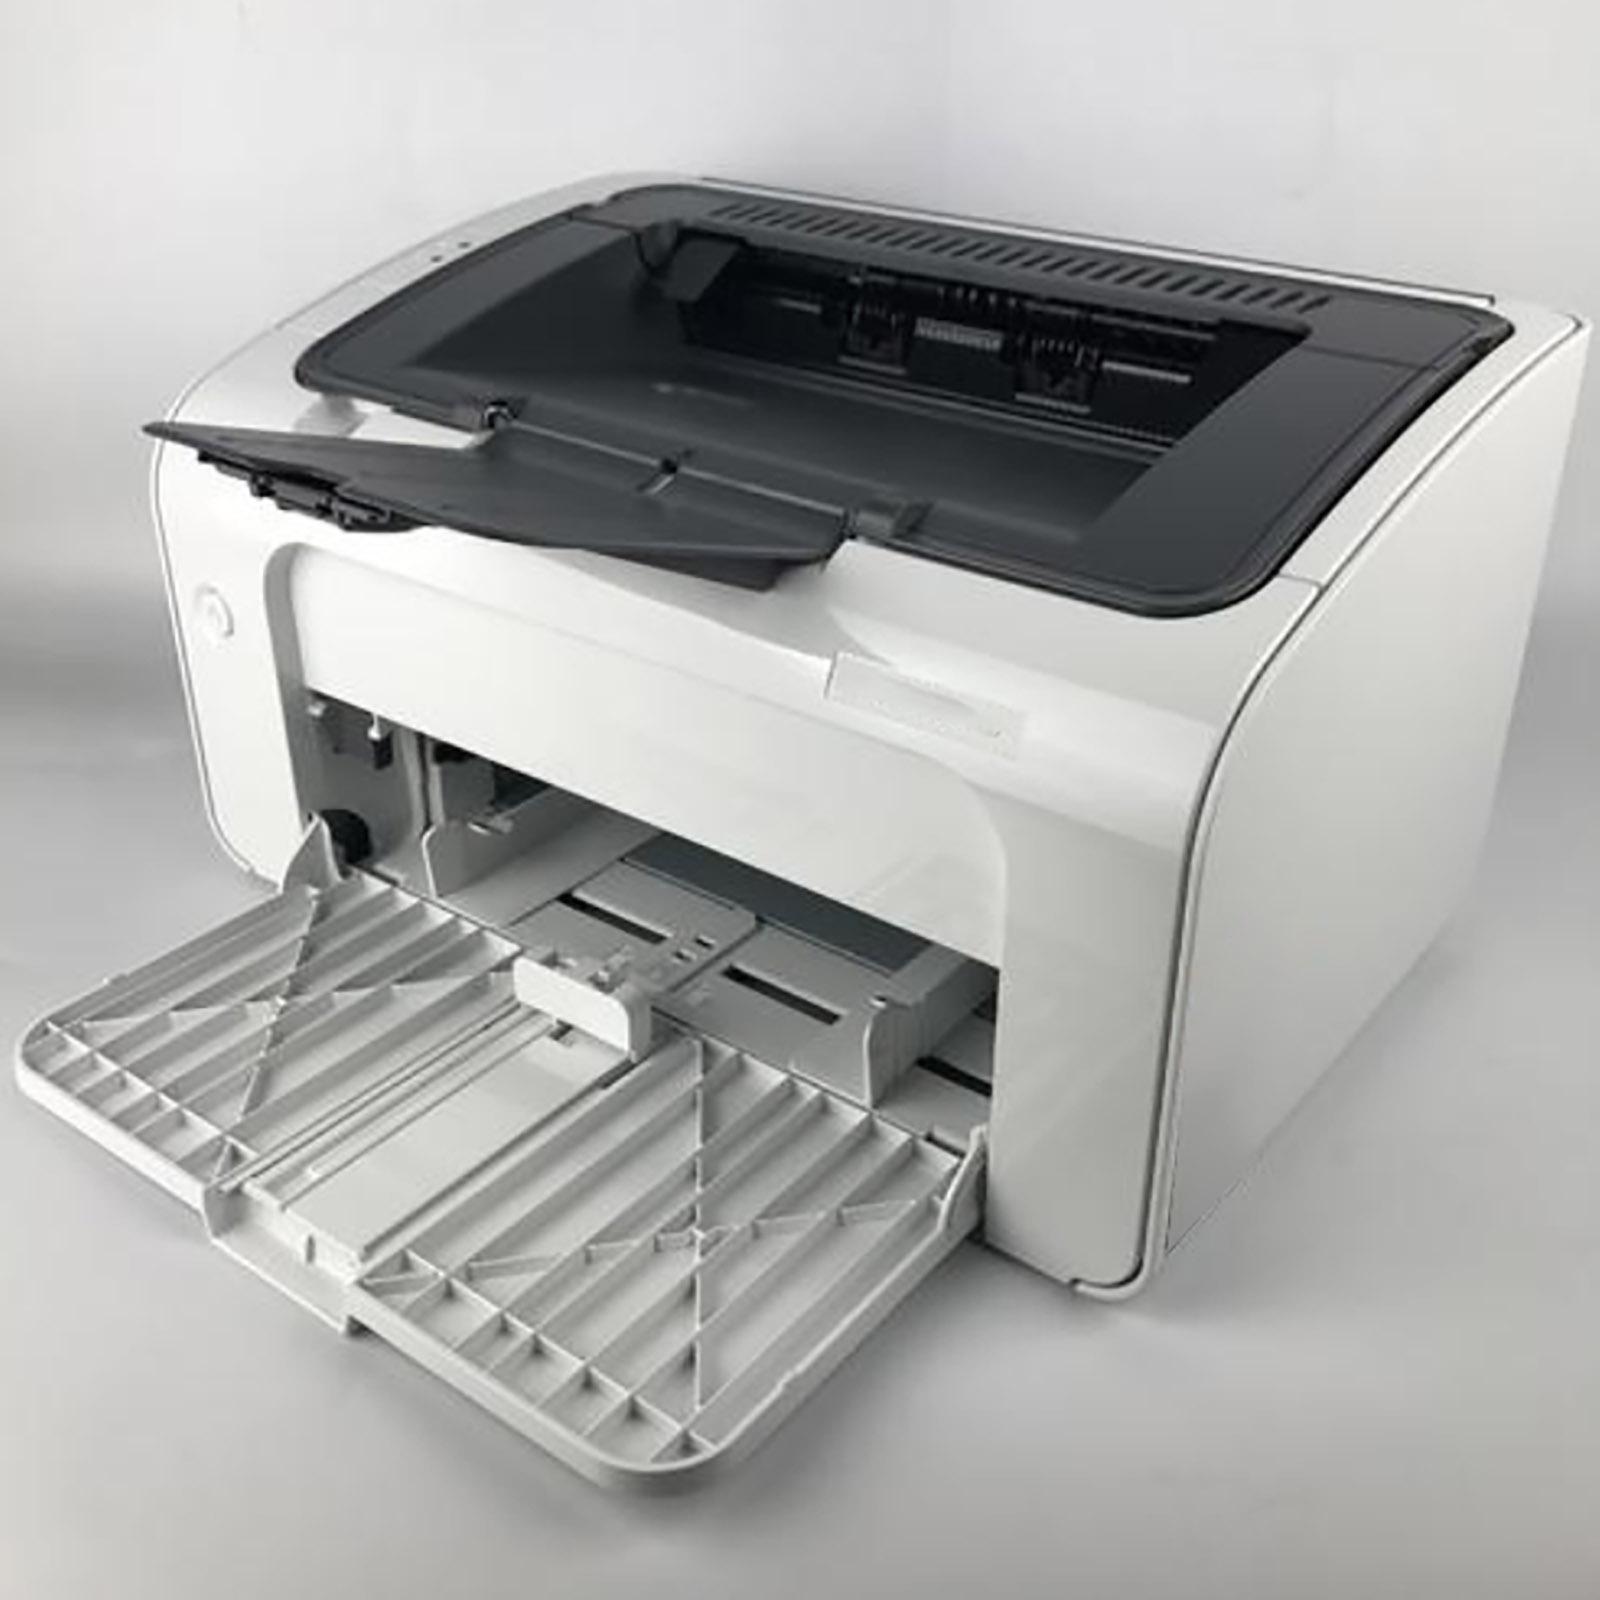 打印机外壳01